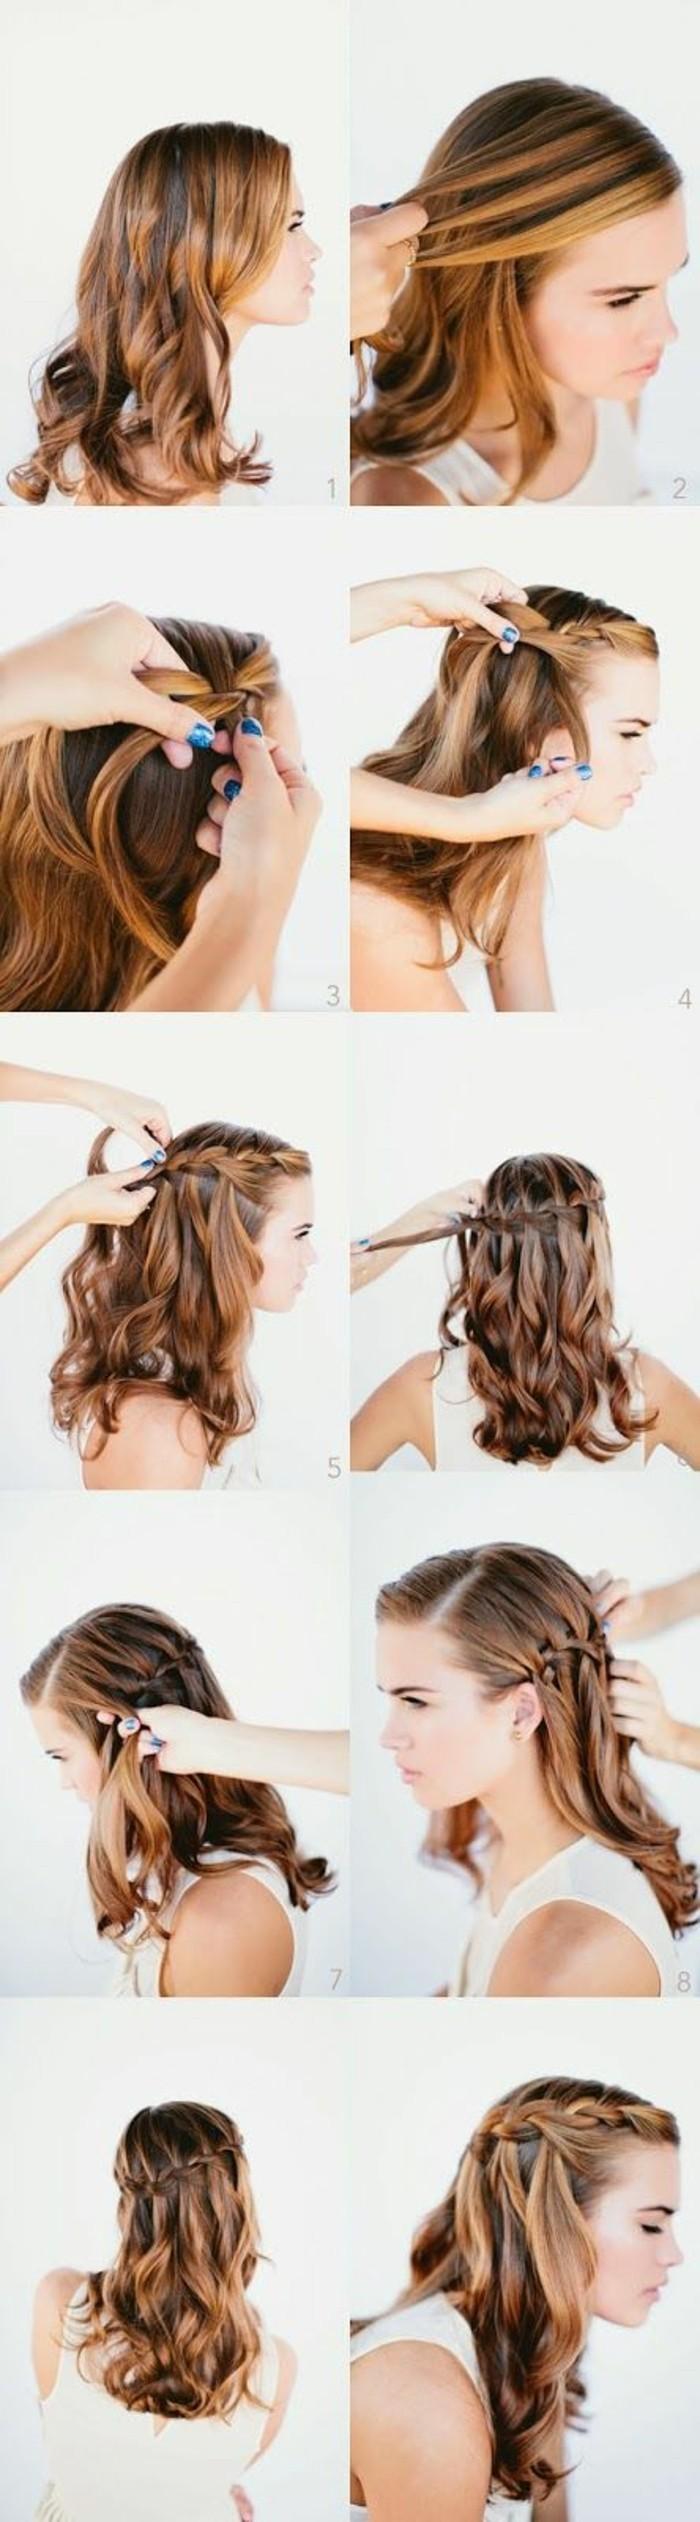 einfache-frisuren-mittellange-lockige-haare-frisieren-haarfrisur-selber-machen